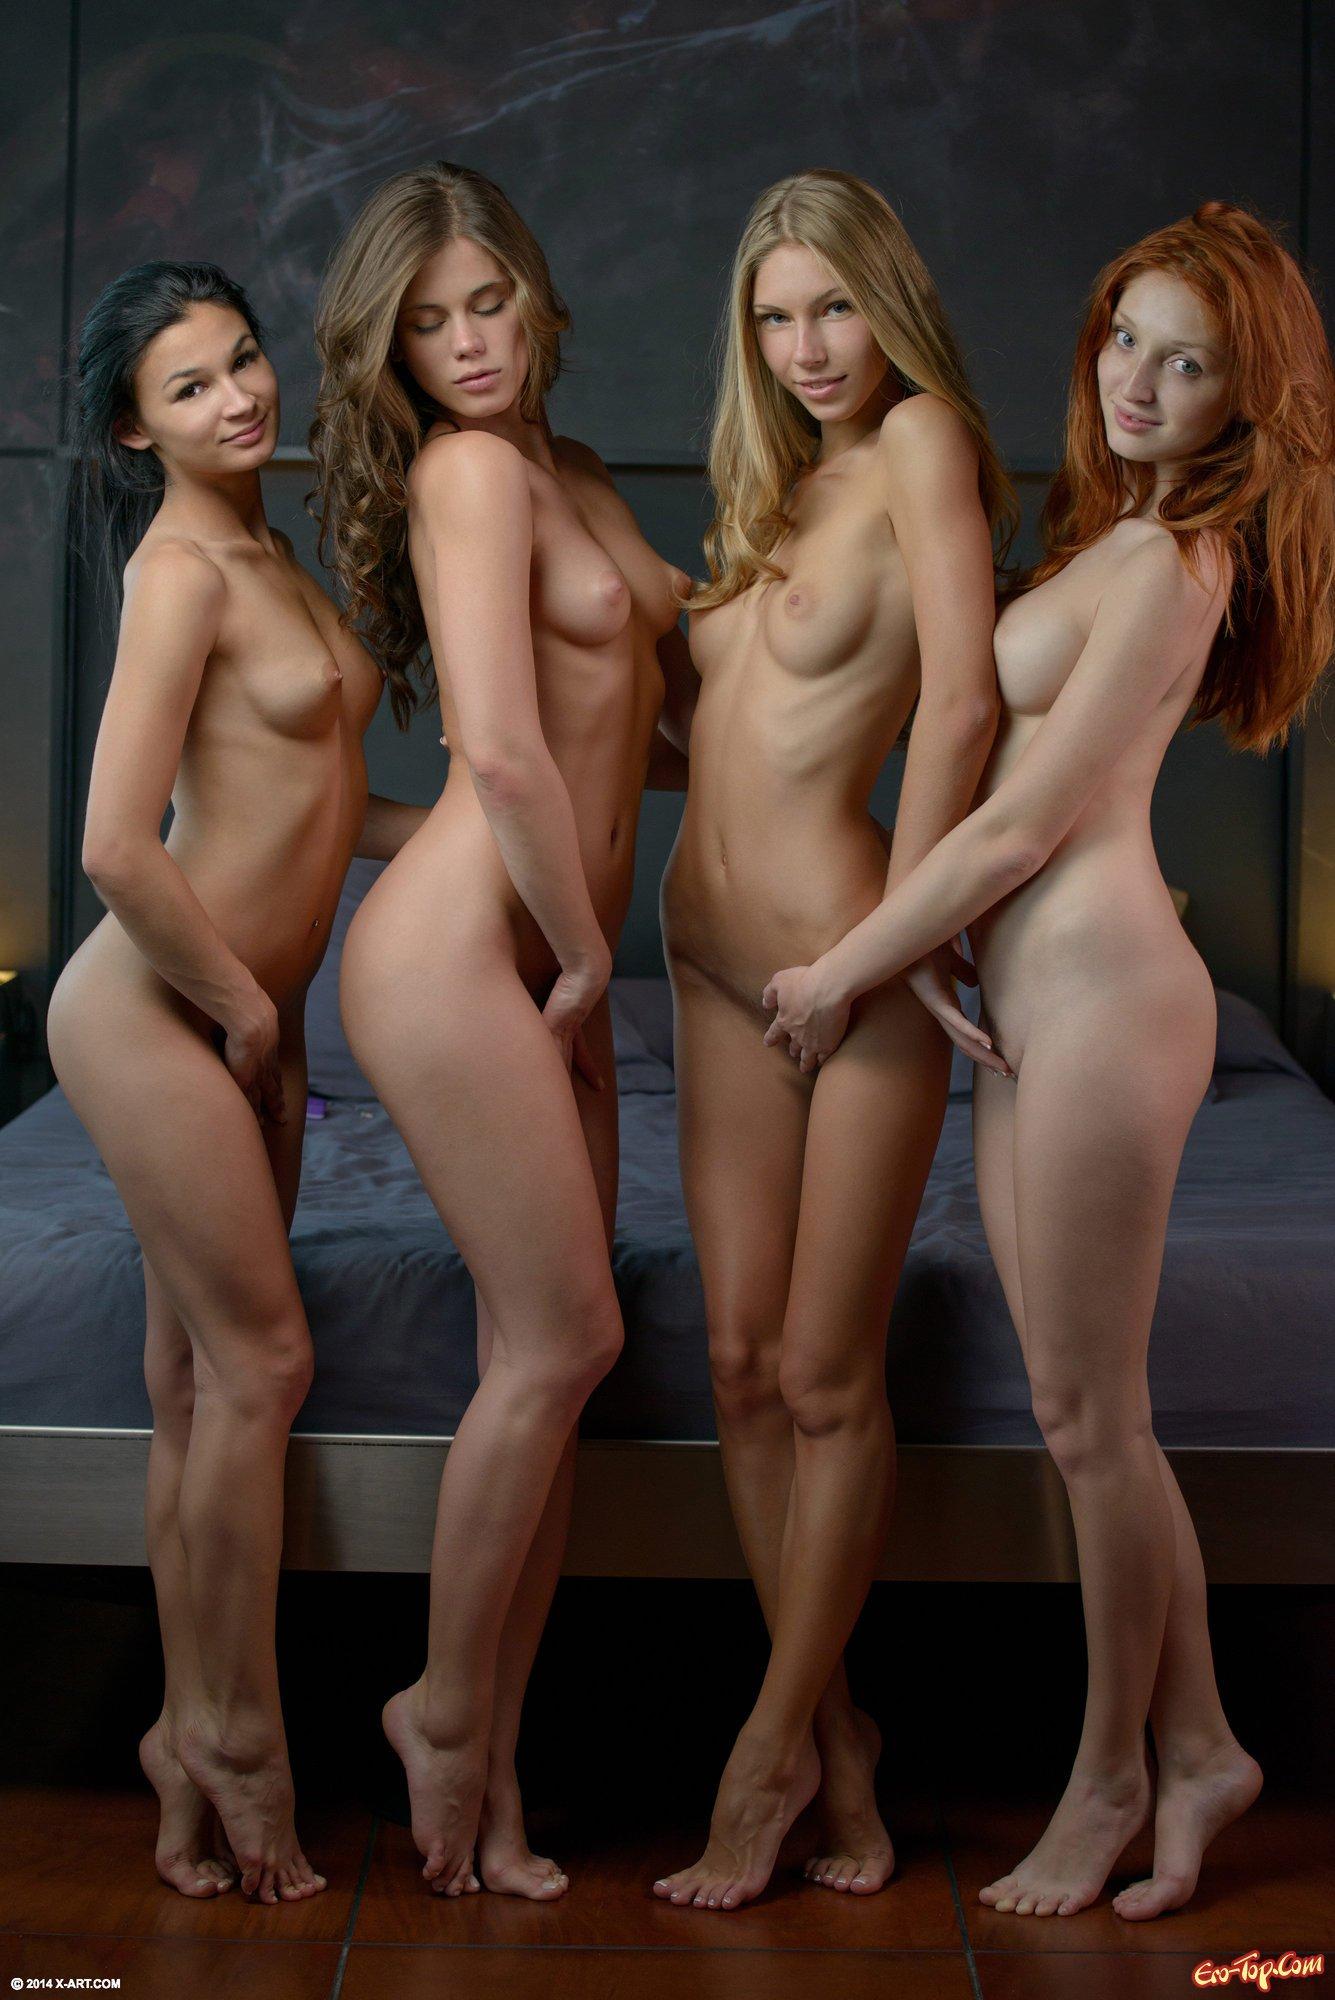 Nude girl aloud